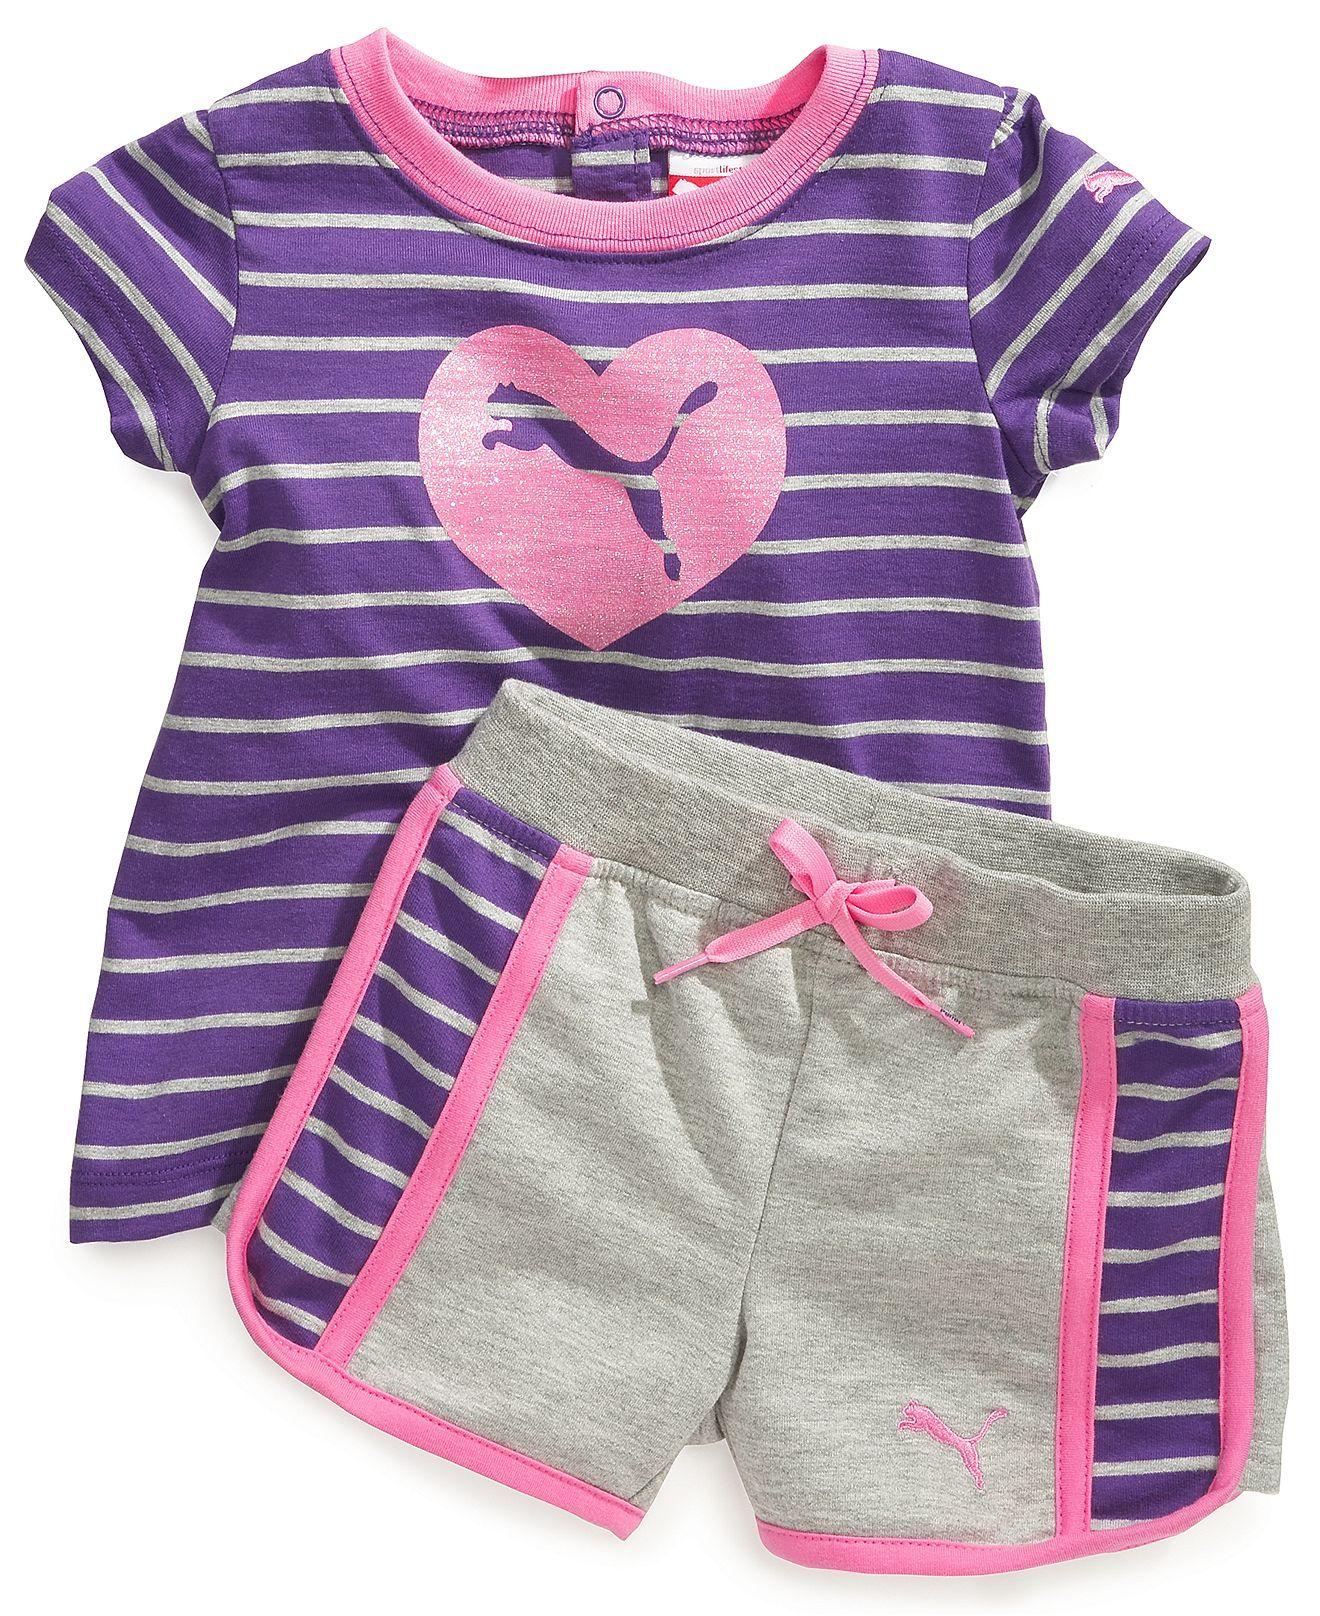 017e77e6052c Puma Baby Set